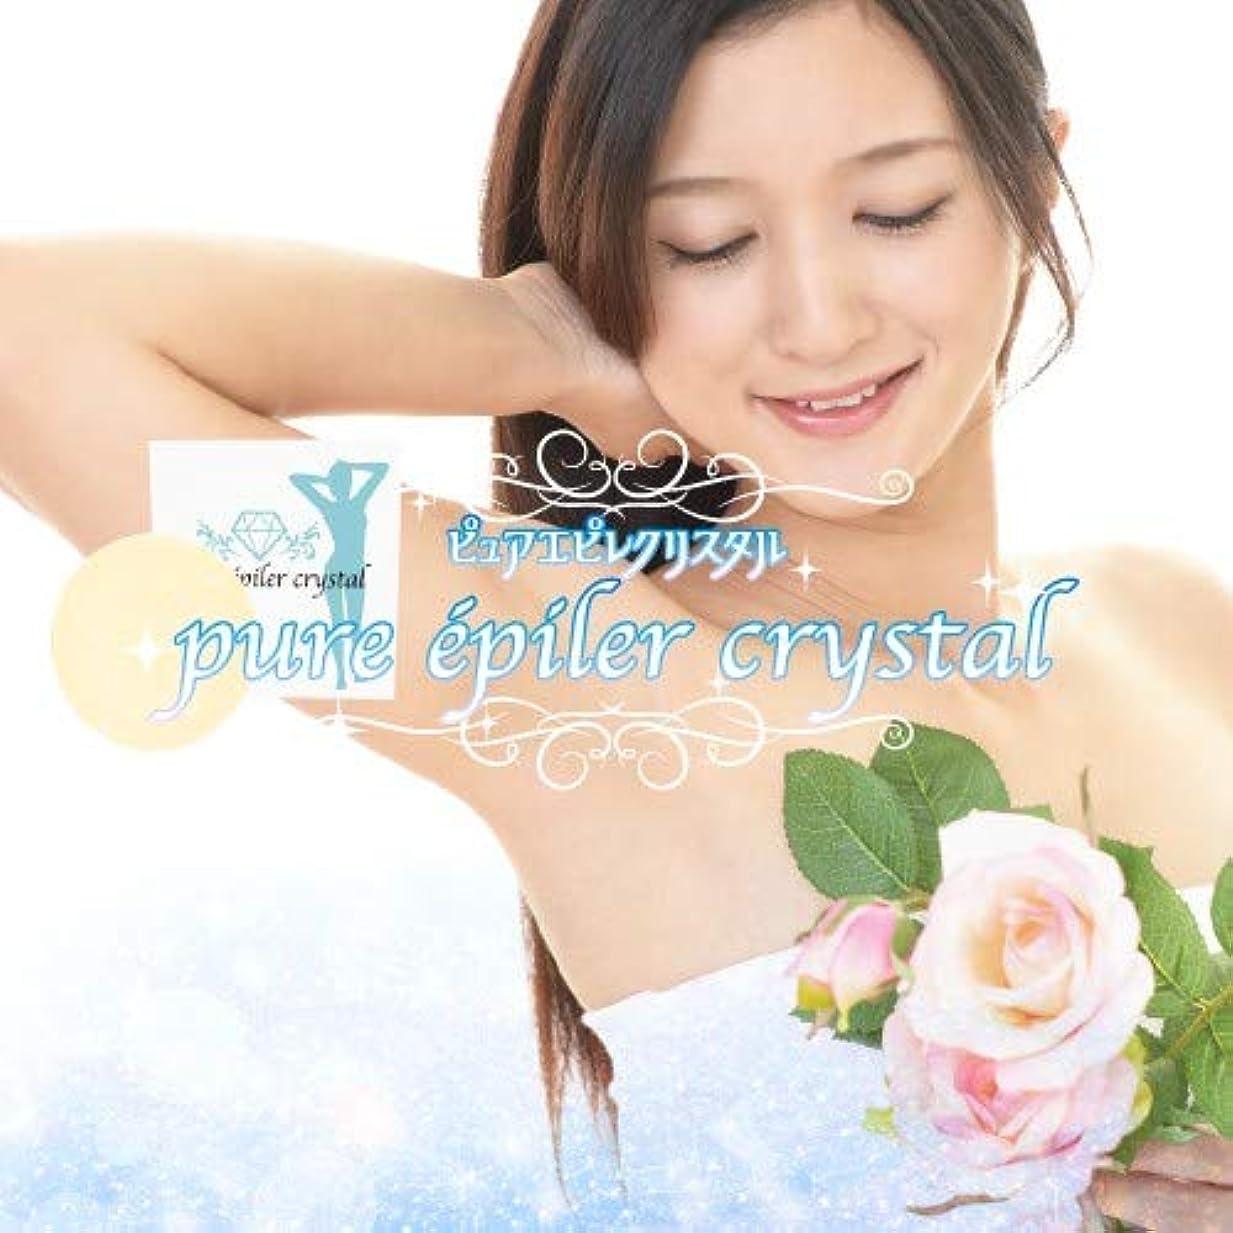 Pure epiler crystal ピュアエピレクリスタル